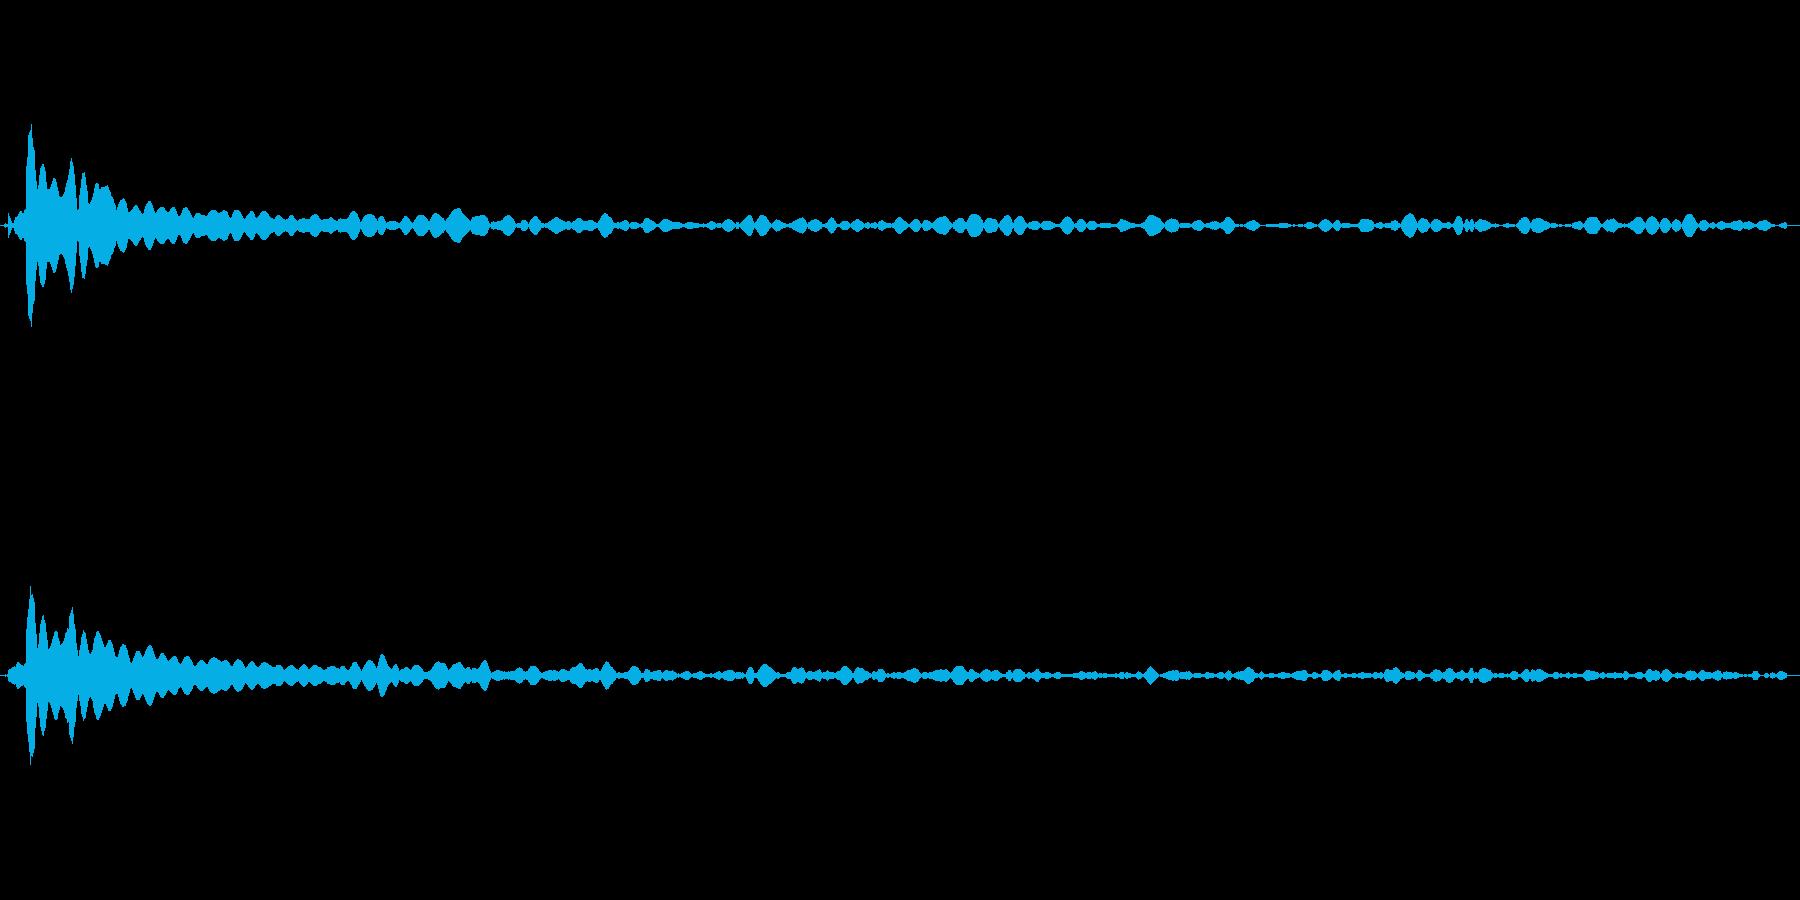 風鈴の音の再生済みの波形